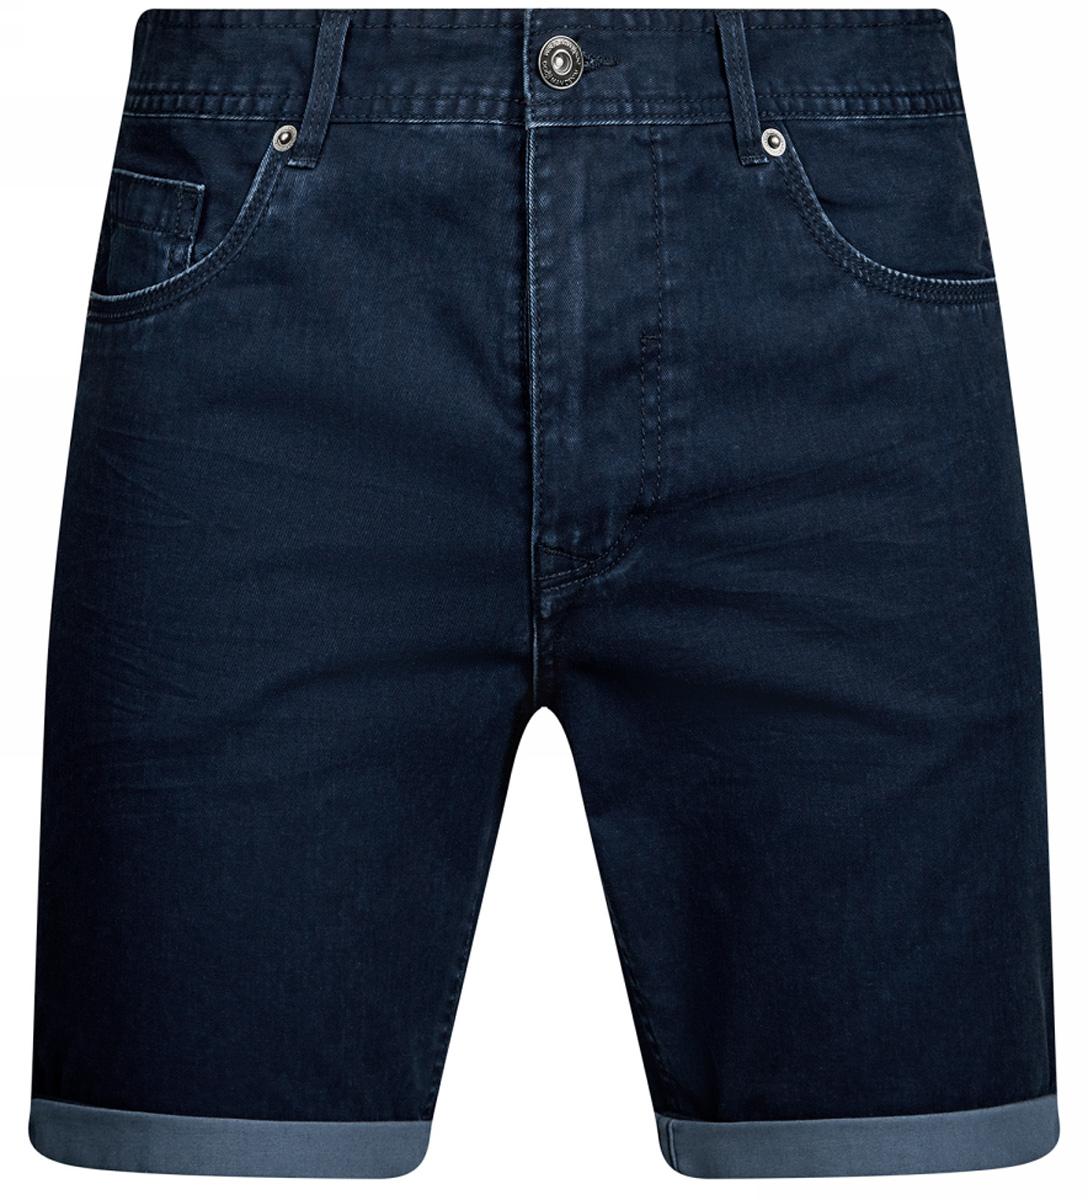 Шорты мужские oodji Lab, цвет: темно-синий, синий джинс. 2L710018M/44216N/7975W. Размер 36-182 (44-182)2L710018M/44216N/7975WСтильные мужские шорты oodji Lab изготовлены из плотного высококачественного материала (100% хлопка). Модель застегивается на пуговицу и ширинку на застежке-молнии, имеются шлевки для ремня. Спереди модель дополнена двумя втачными карманами и одним небольшим накладным кармашком, а сзади - двумя накладными карманами.